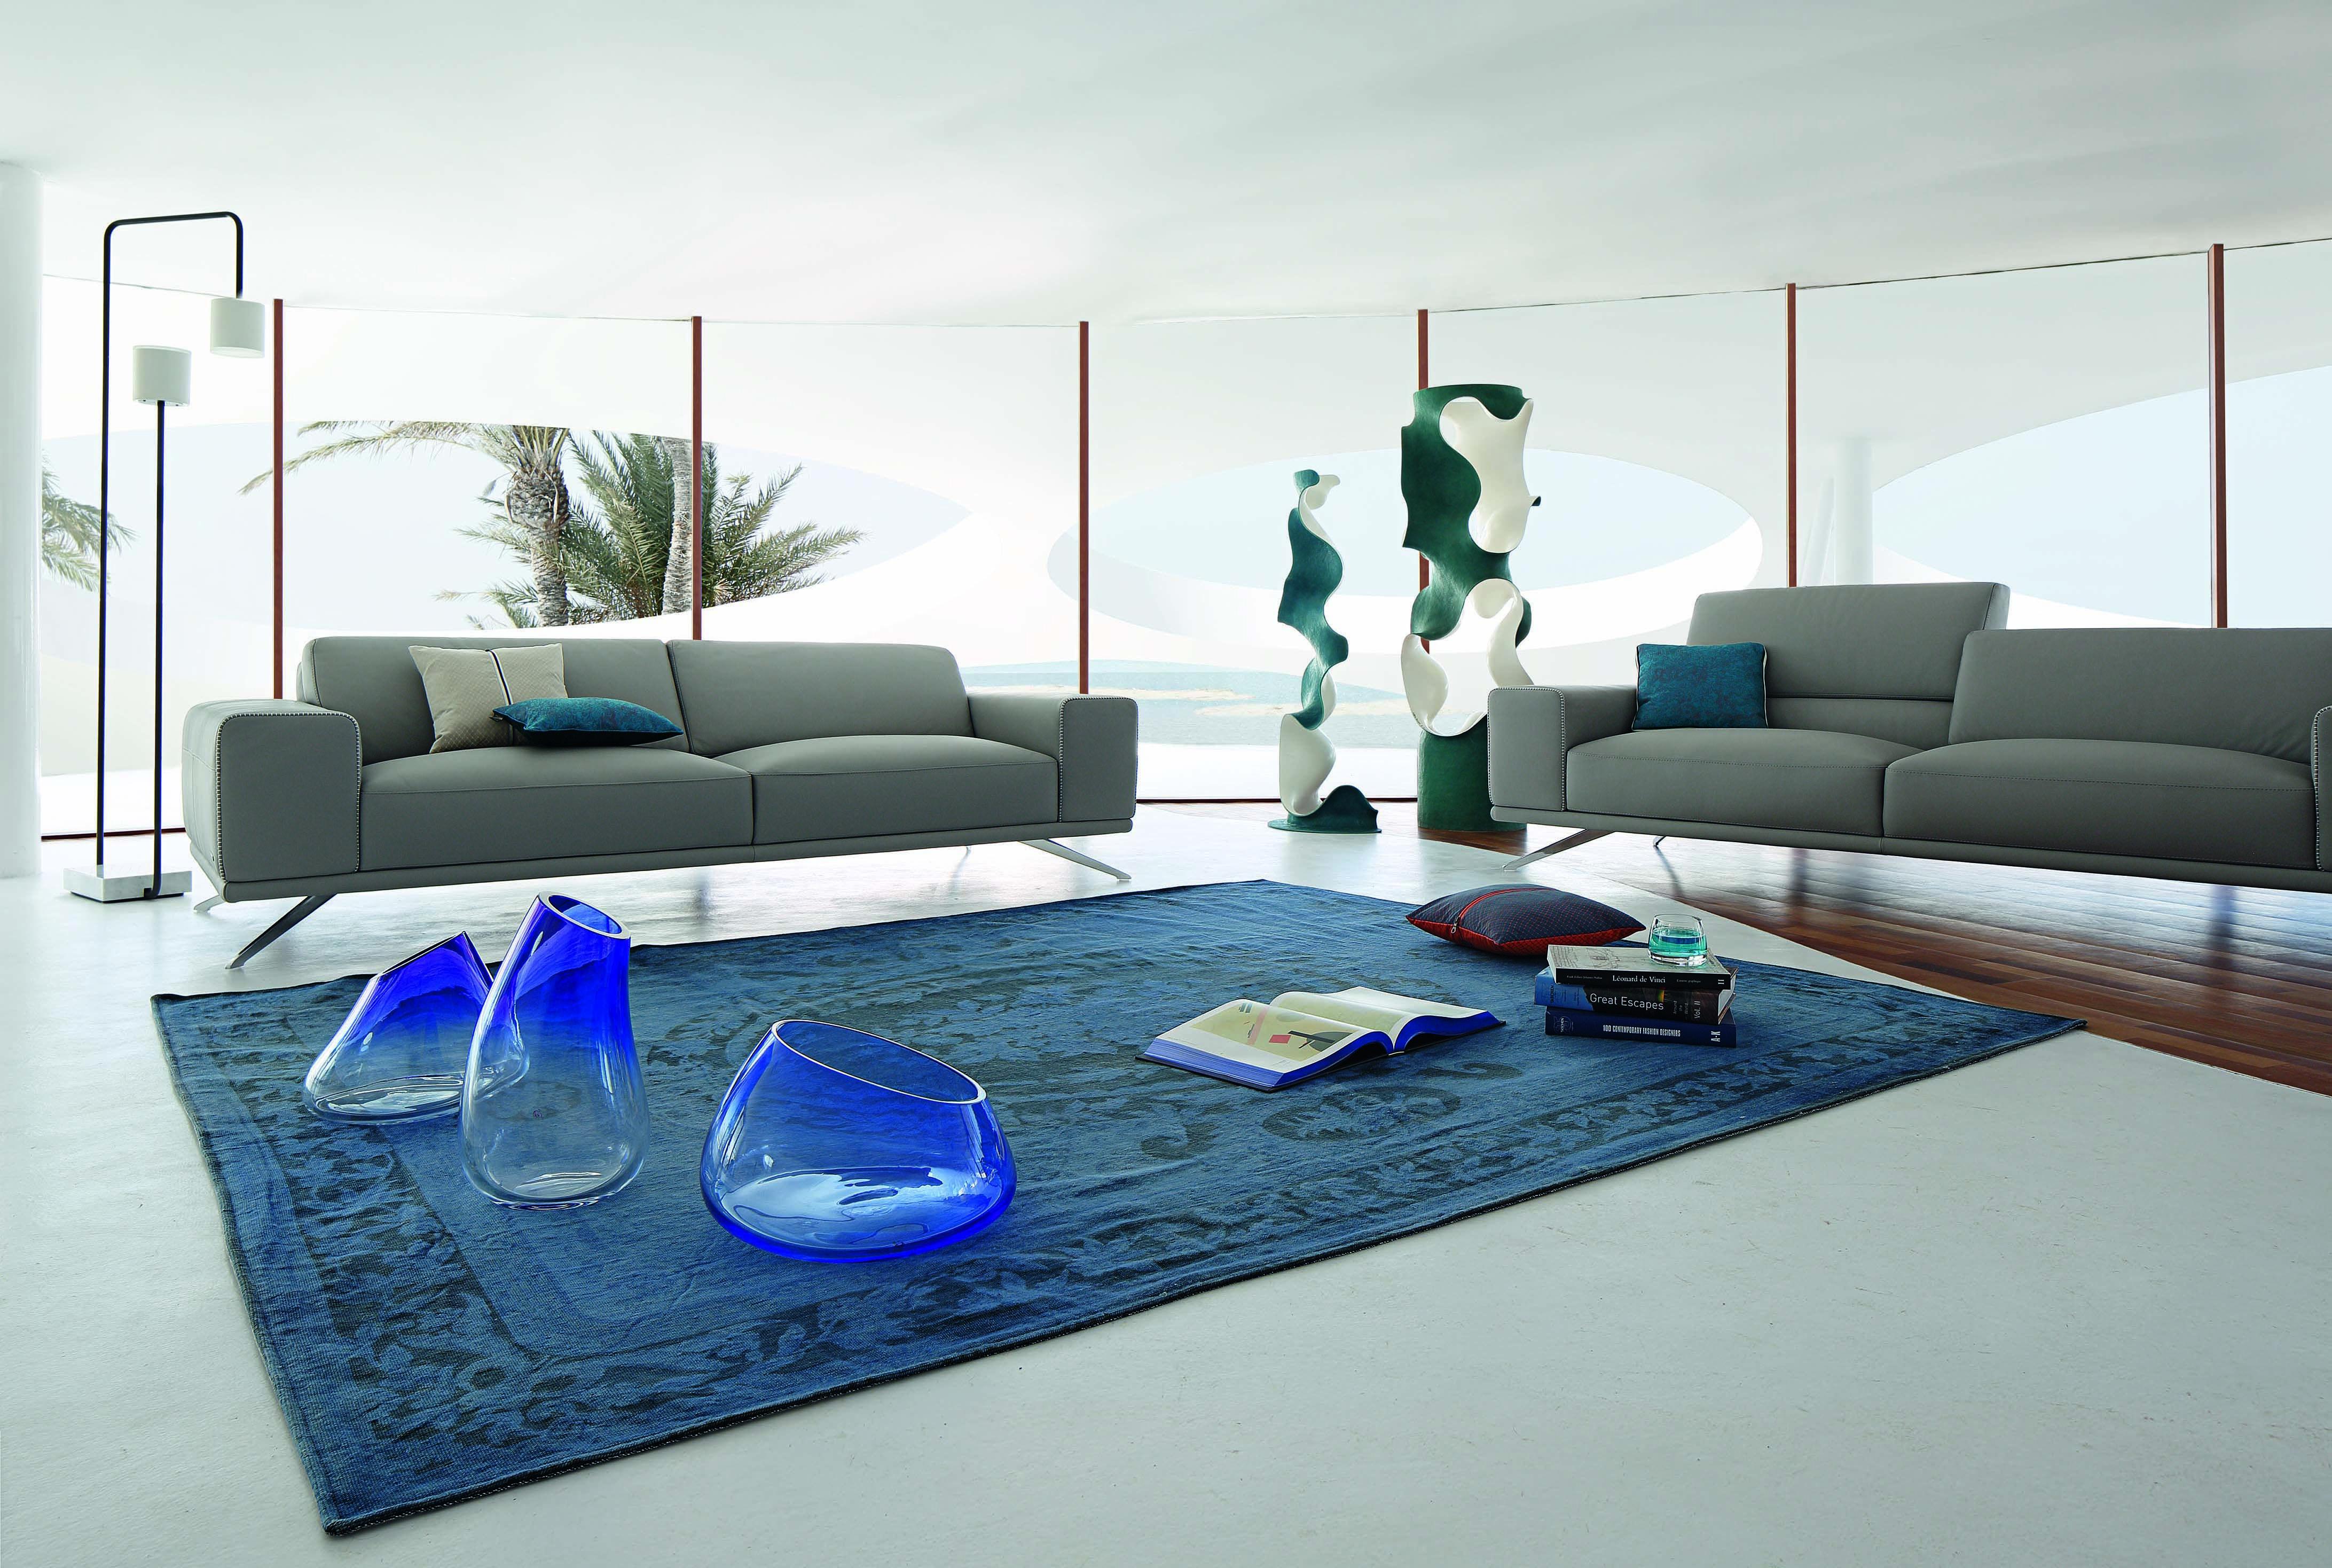 Roche Bobois Trello Sofa In Leather Design Sacha Lakic